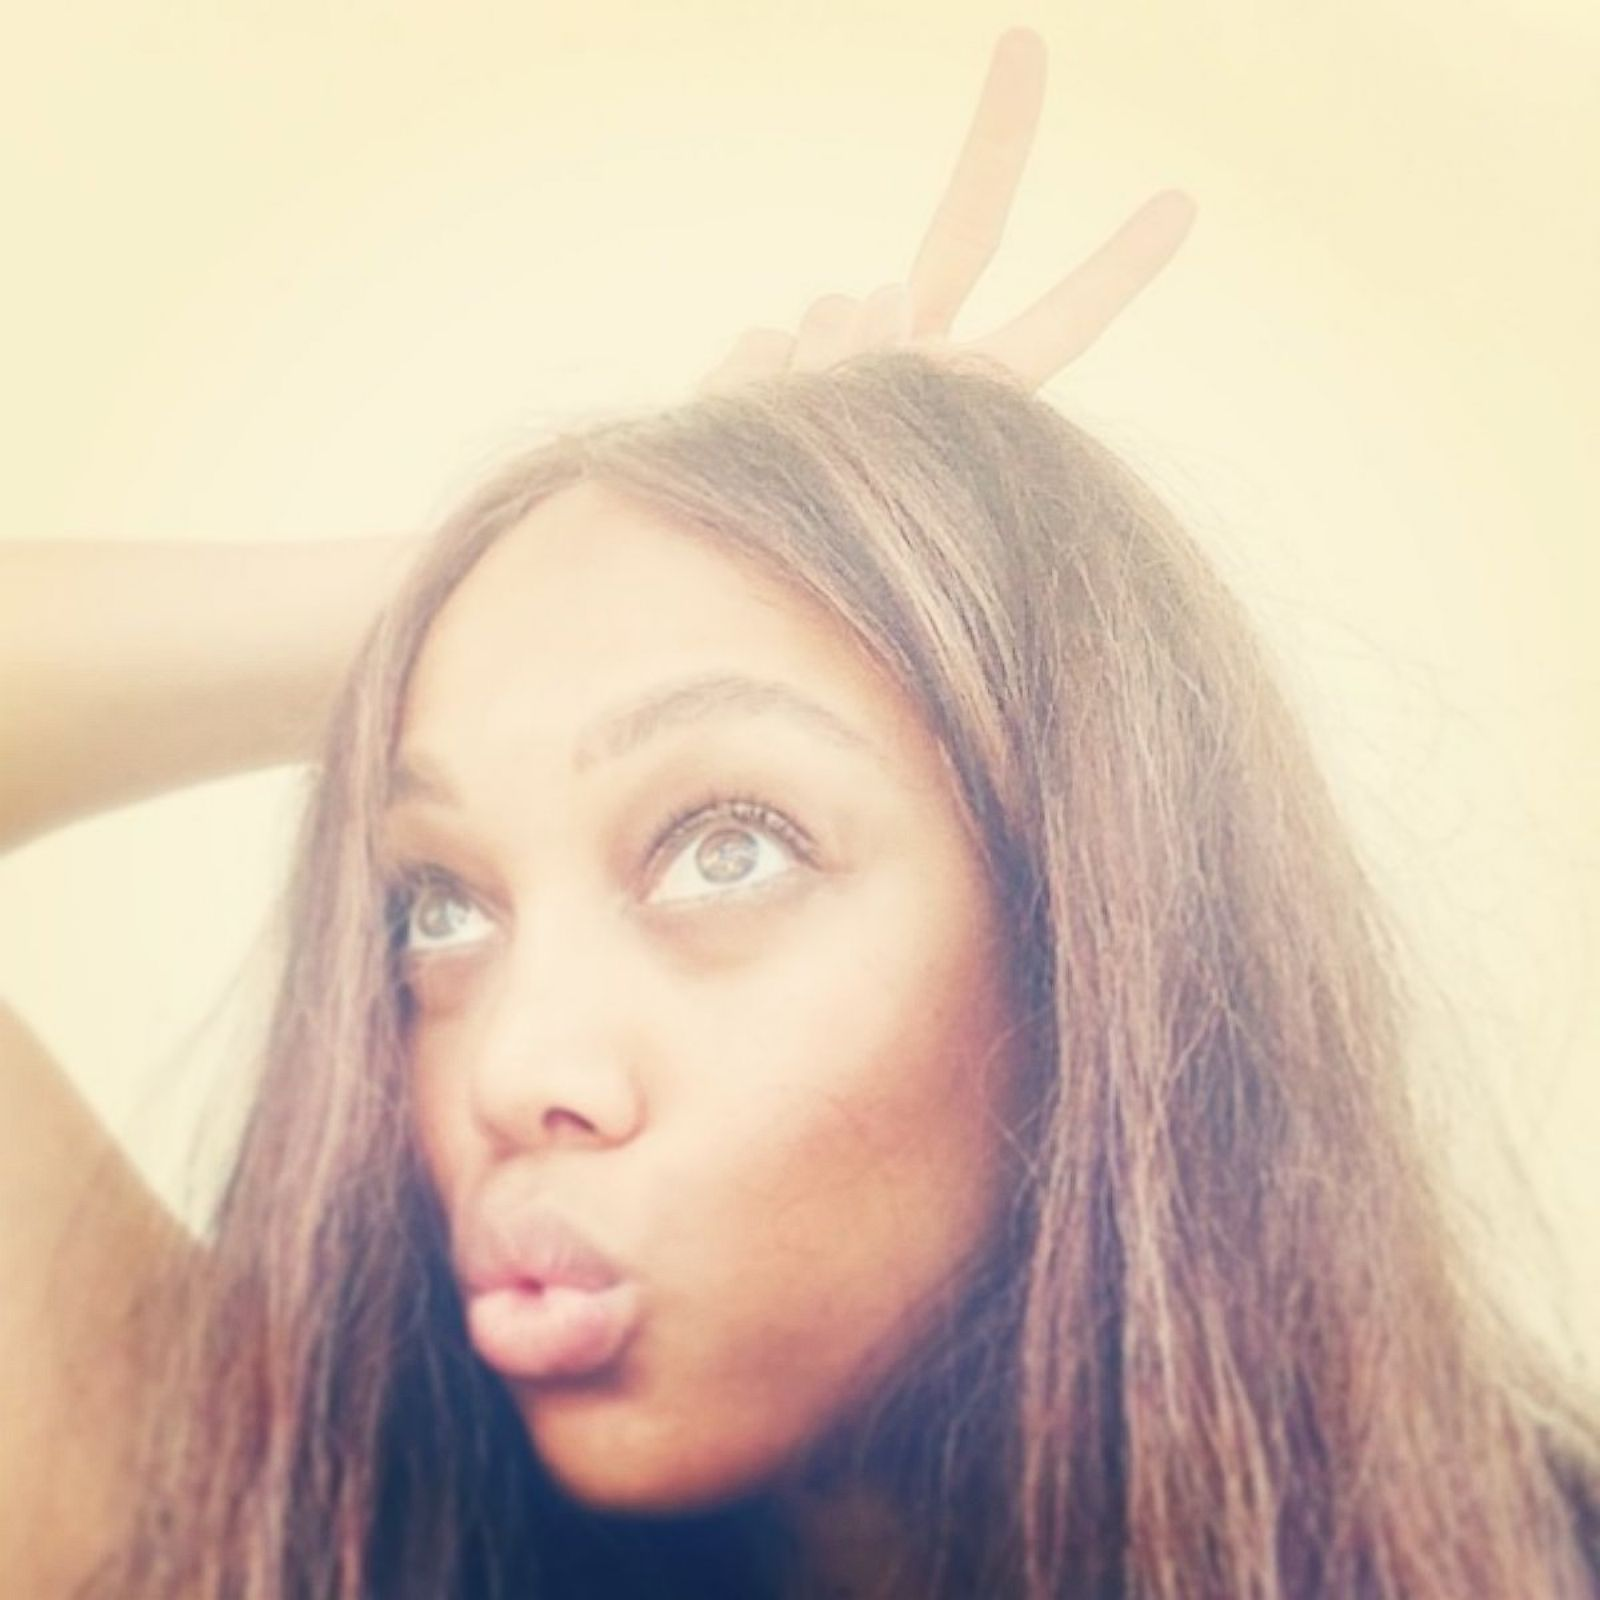 Tyra Banks Image: Tyra Banks Goes Makeup-Free Picture